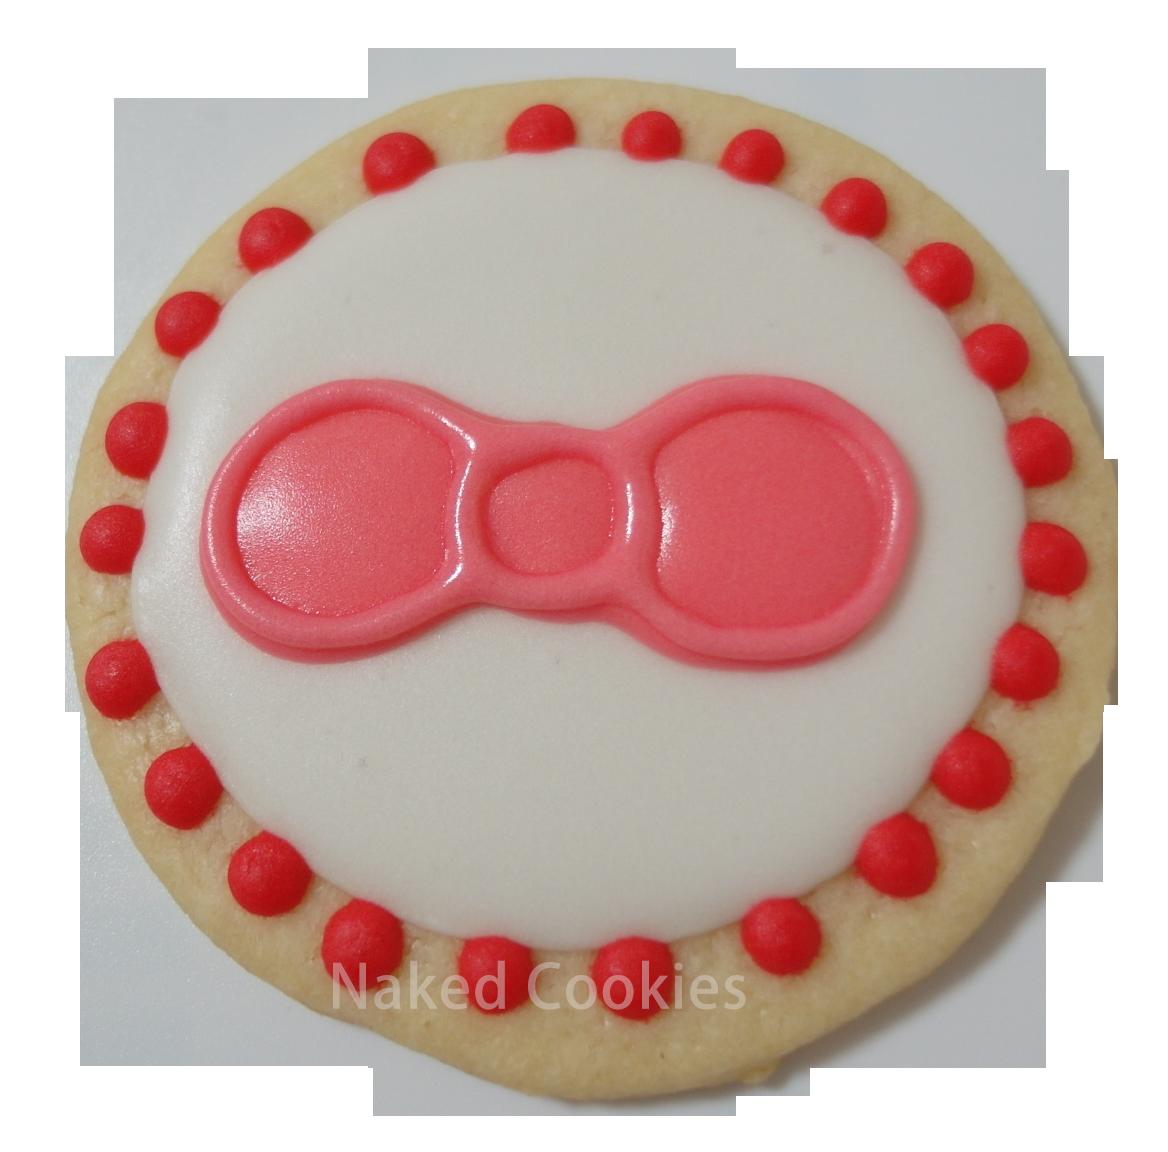 【裸餅乾Naked Cookies】Kitty粉紅蝴蝶結-特殊客製6入-創意手工糖霜餅乾,婚禮/生日/活動/收涎/彌月